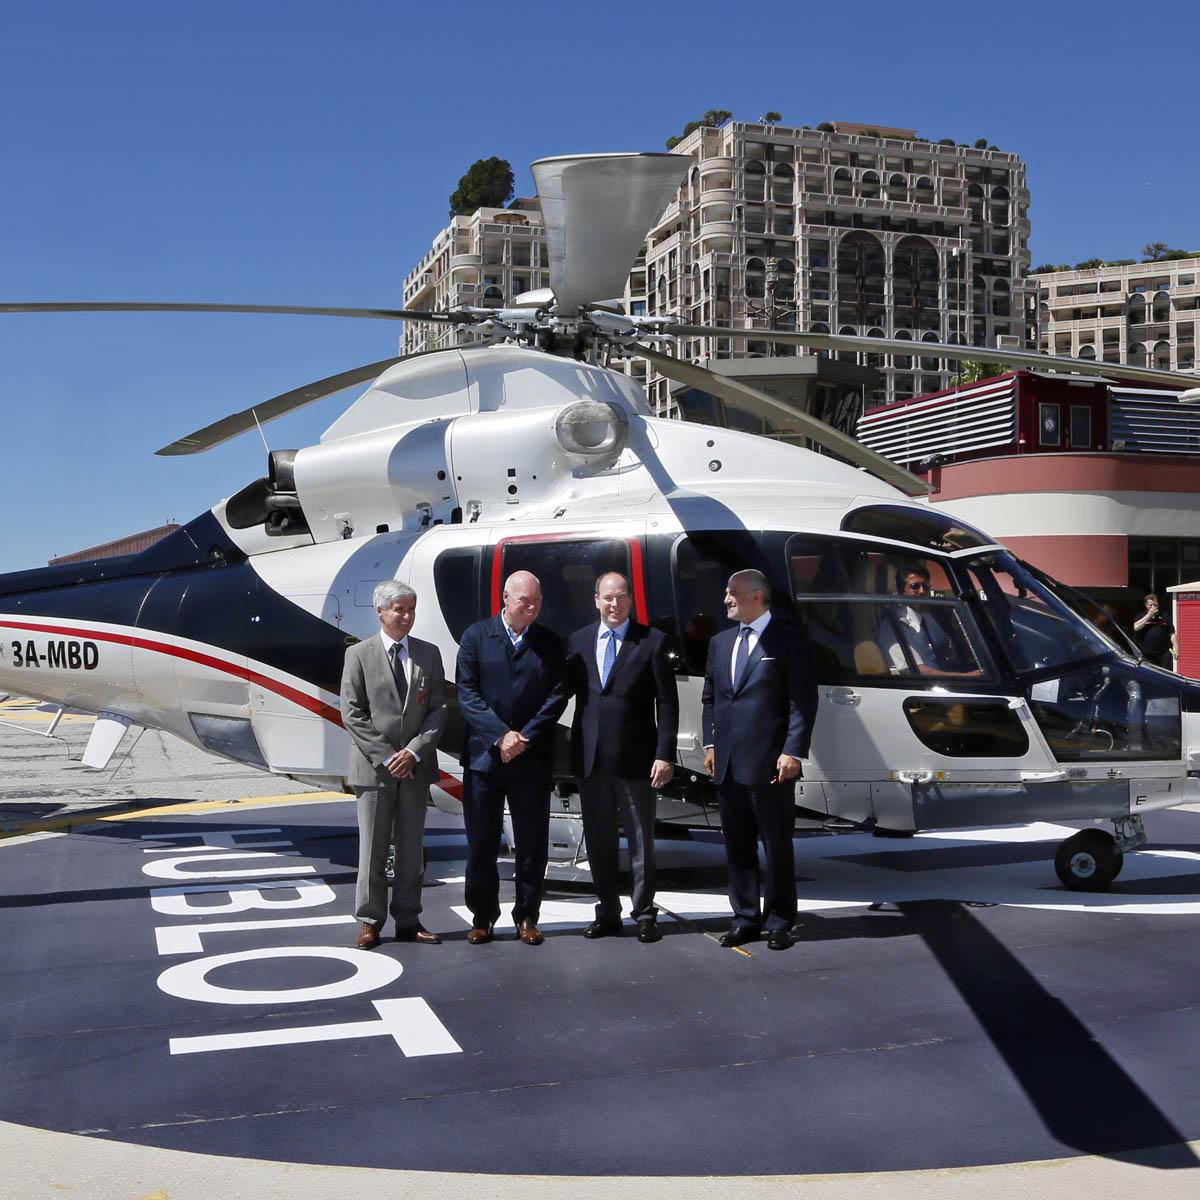 La Cote des Montres : Photo - Le H de Hublot sur les pistes d'hélicoptère à Monaco